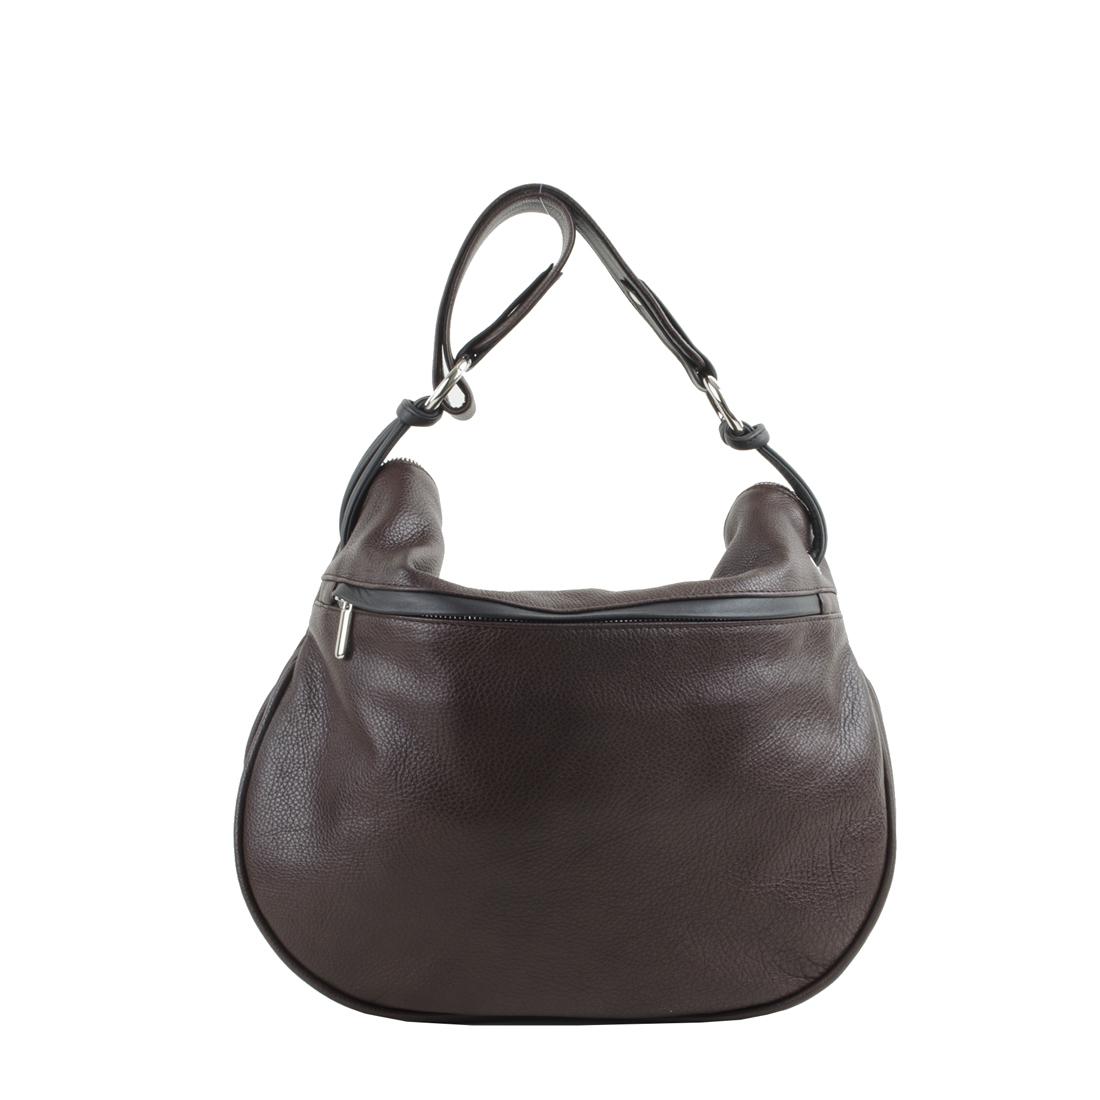 Matilda Brown Leather Shoulder Bag